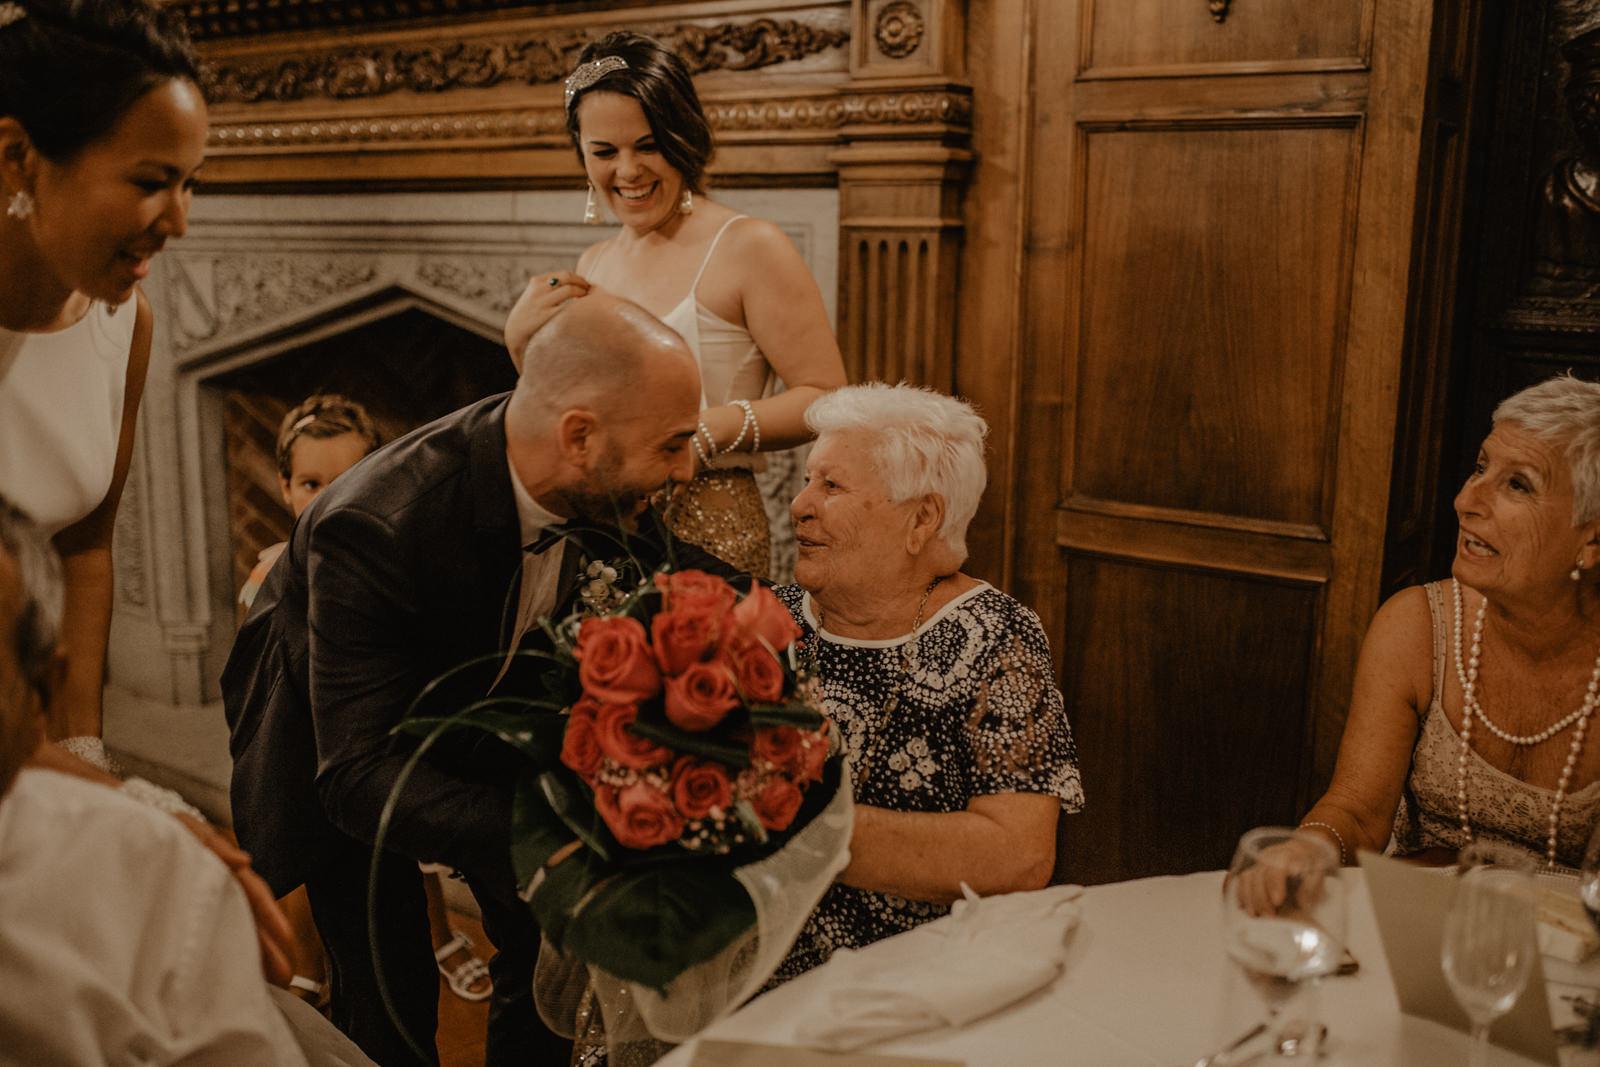 thenortherngirlphotography_photography_thenortherngirl_rebeccascabros_wedding_weddingphotography_weddingphotographer_barcelona_bodaenlabaronia_labaronia_japanesewedding_destinationwedding_shokoalbert-880.jpg